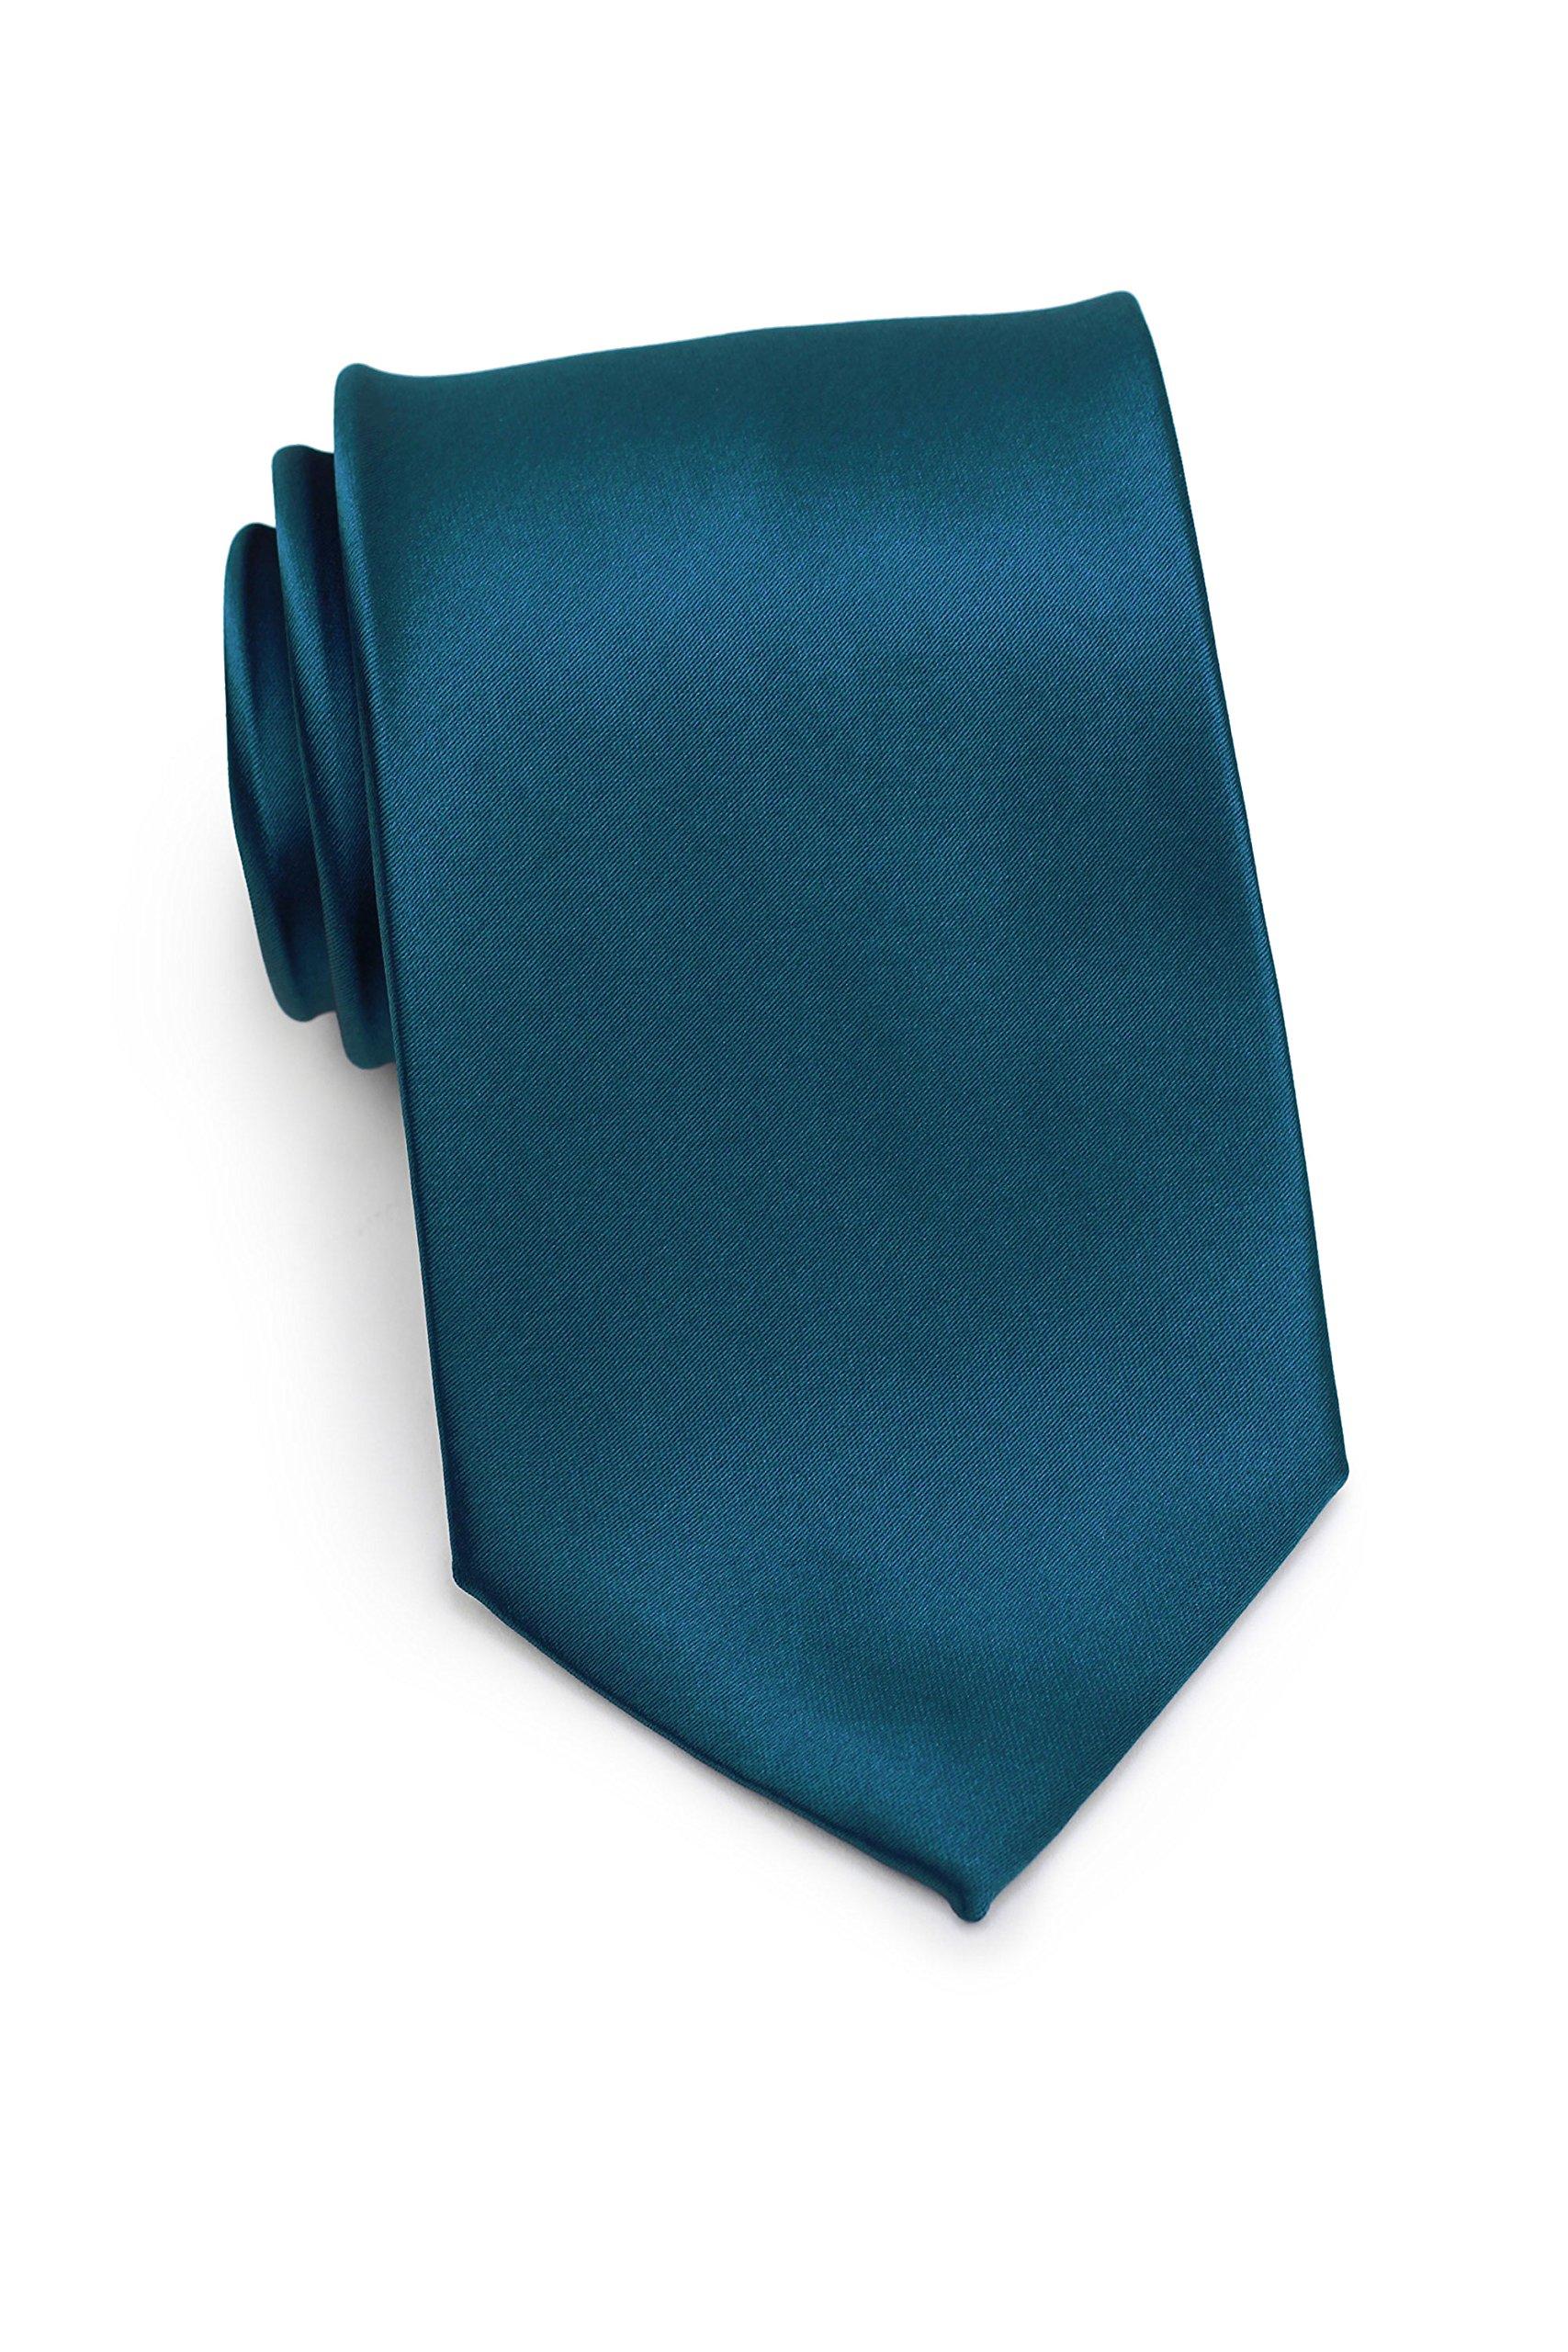 Bows-N-Ties Men's Necktie Solid Color Microfiber Satin Tie 3.25 Inches (Dark Teal)